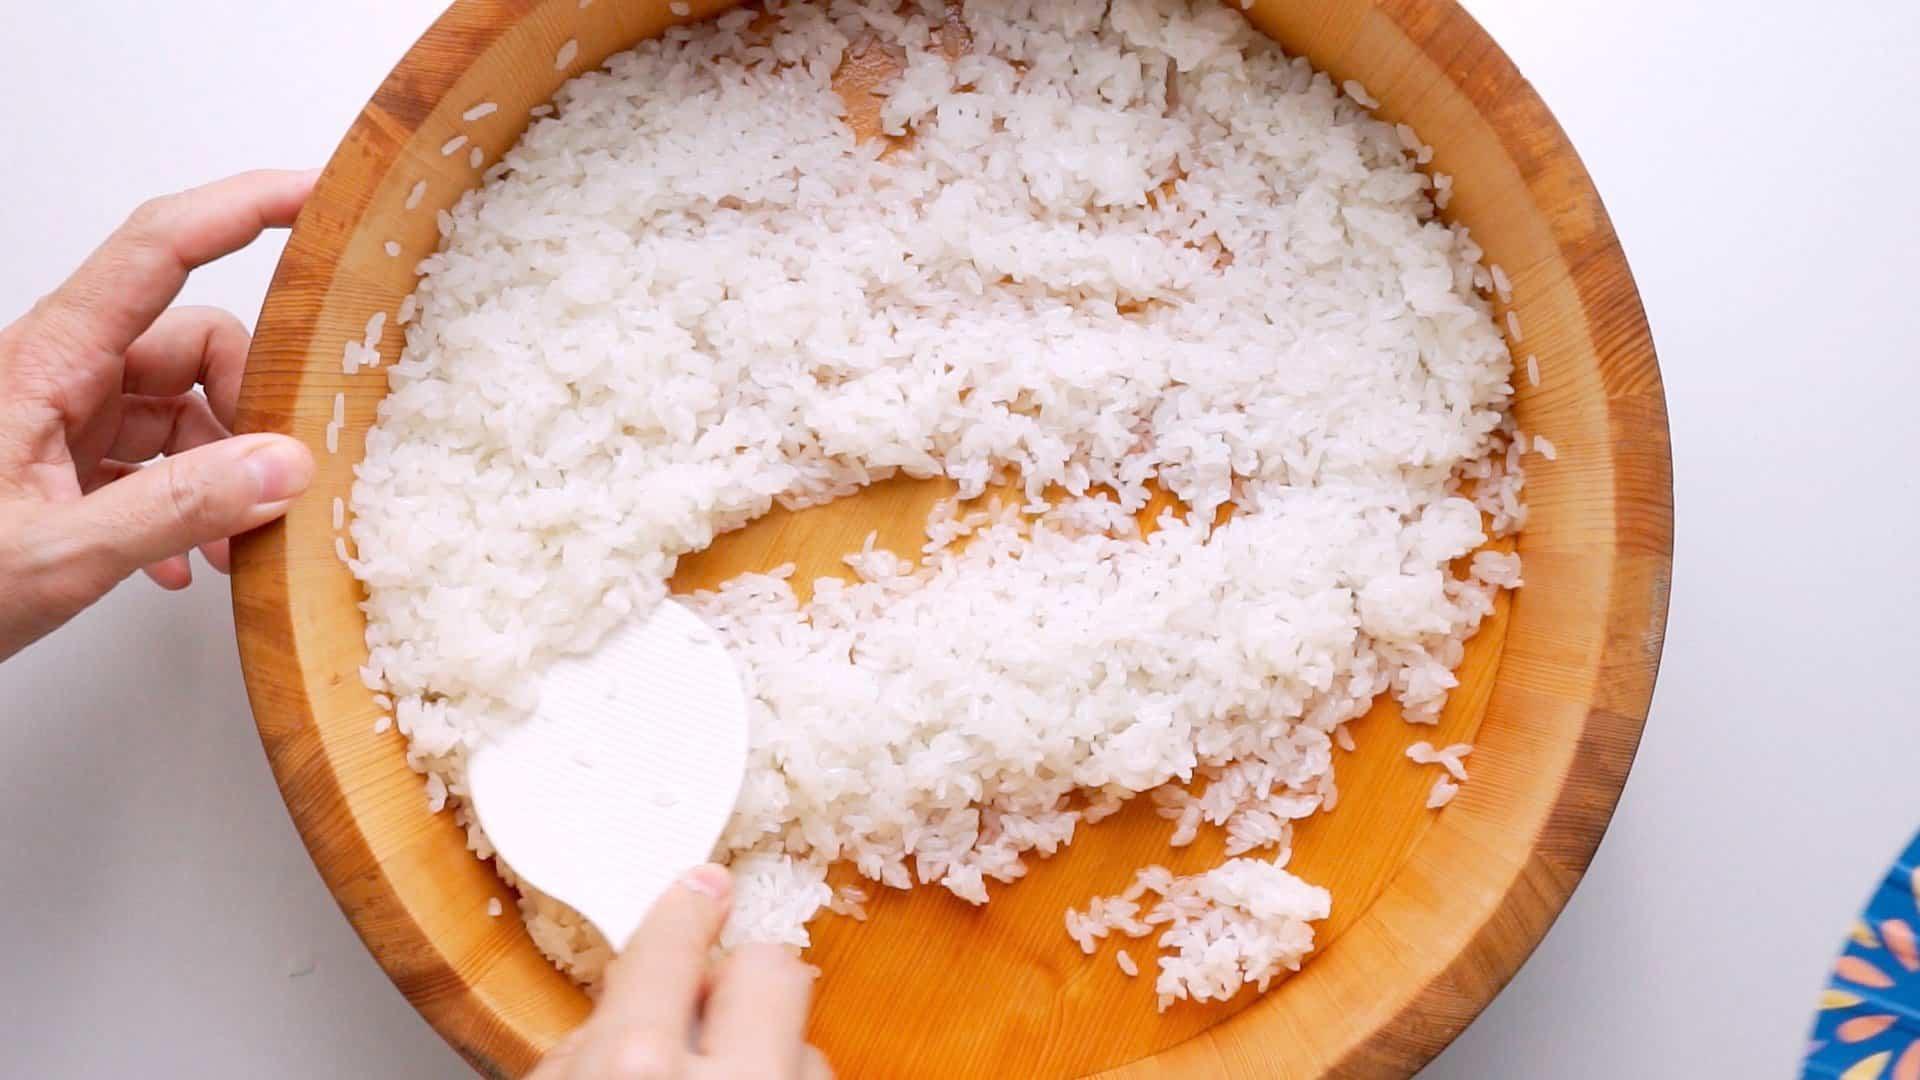 Folding sushi vinegar into rice.